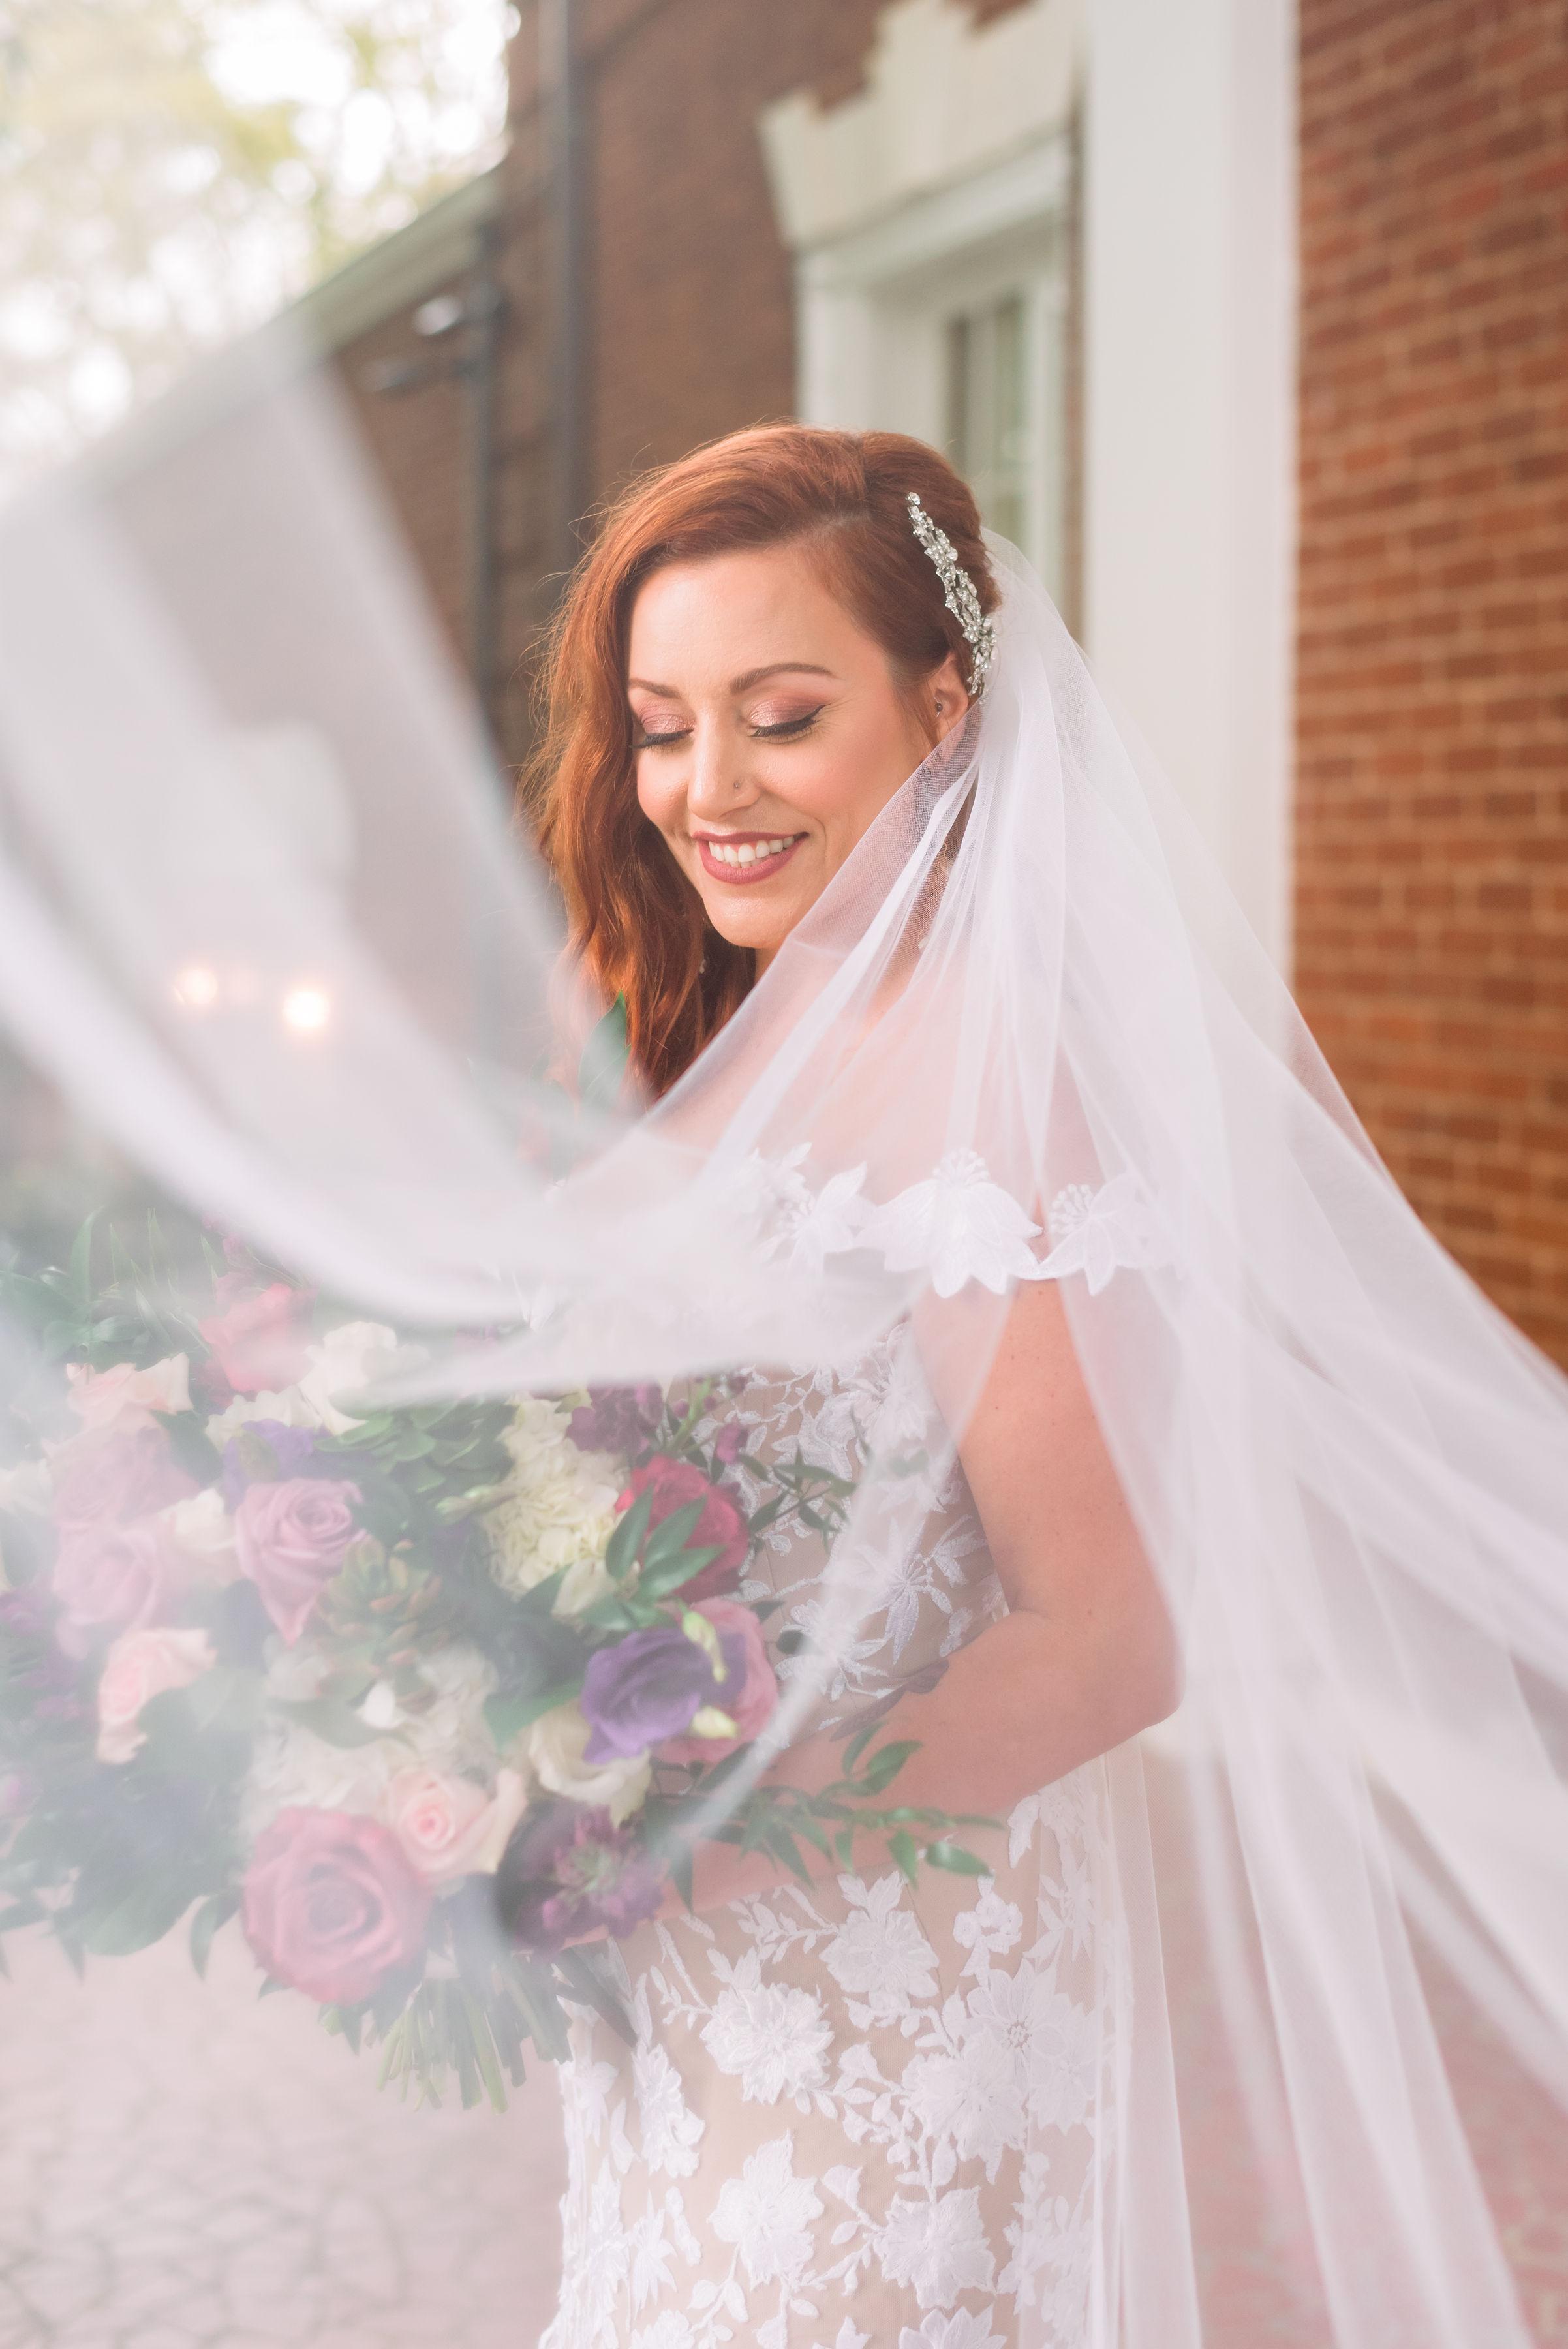 AshleyF_bridals-17.jpg